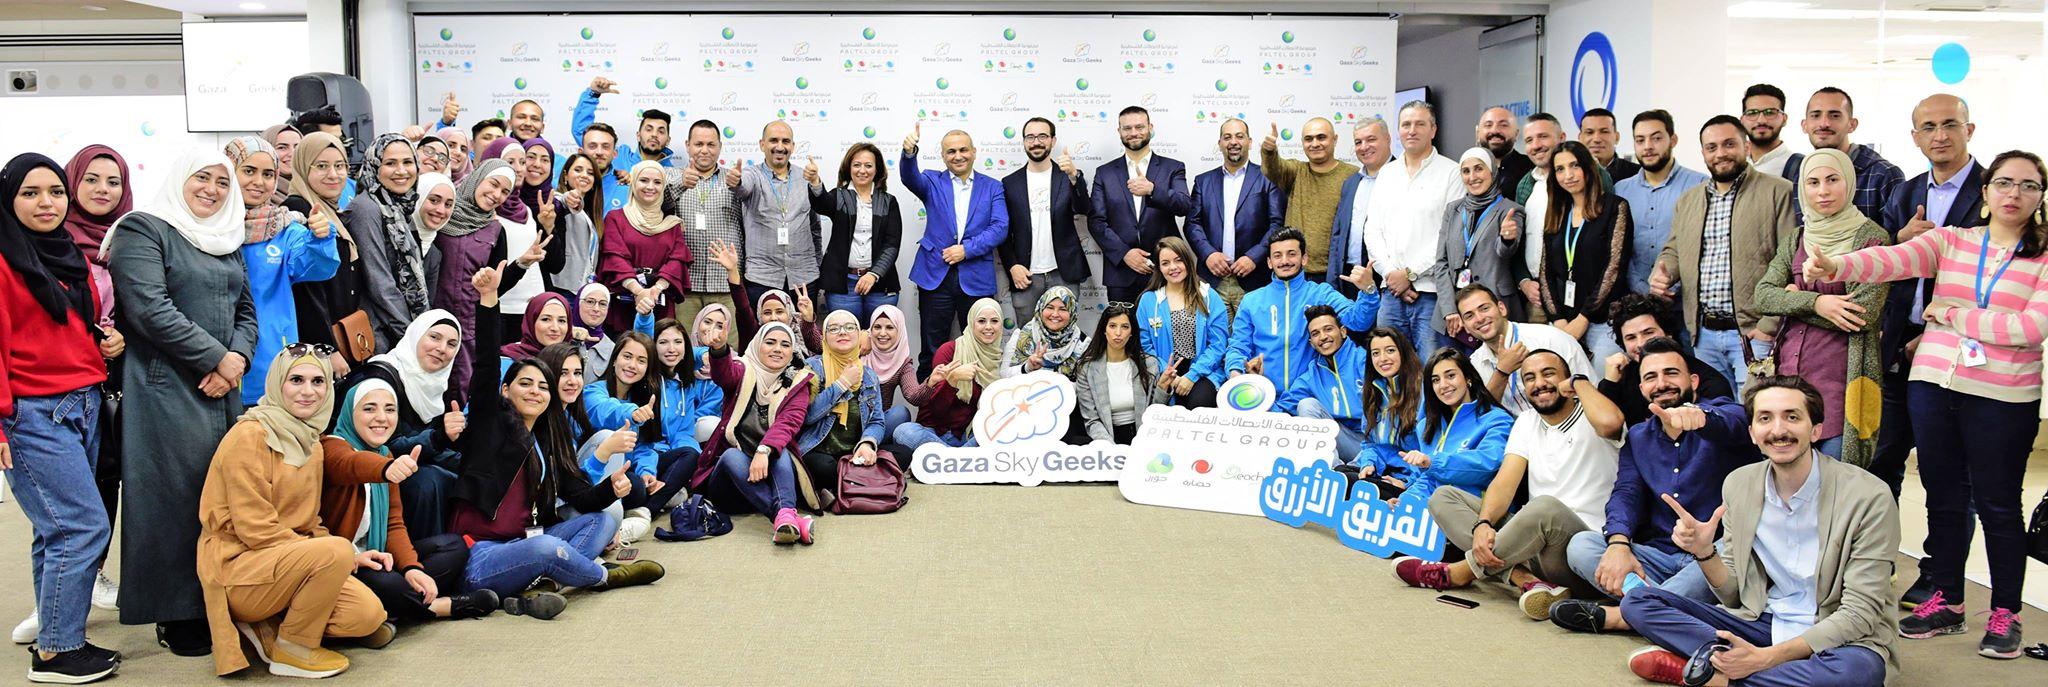 مجموعة الاتصالات الفلسطينية ومؤسسة غزة سكاي جيكس تطلقان أكاديمية العمل الحر